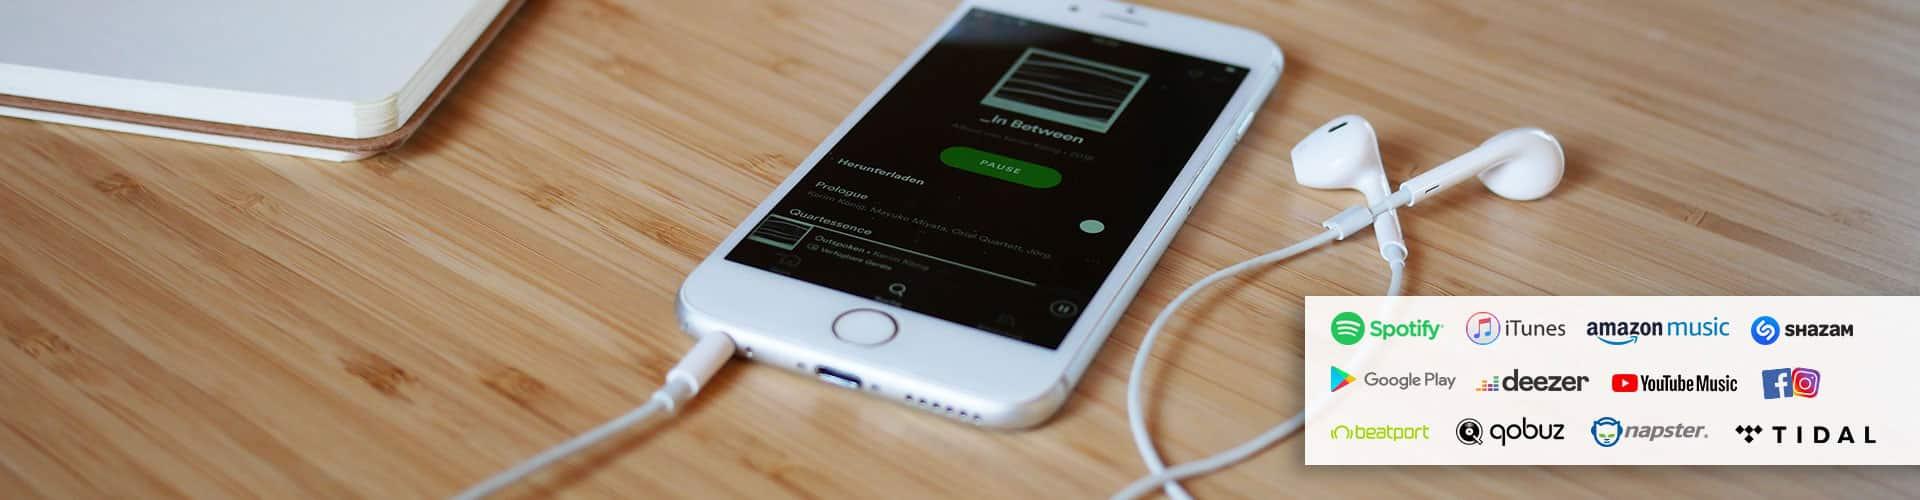 Plattenfirma to go - Digitalvertrieb deiner Musik / Foto: Hey!blau GmbH